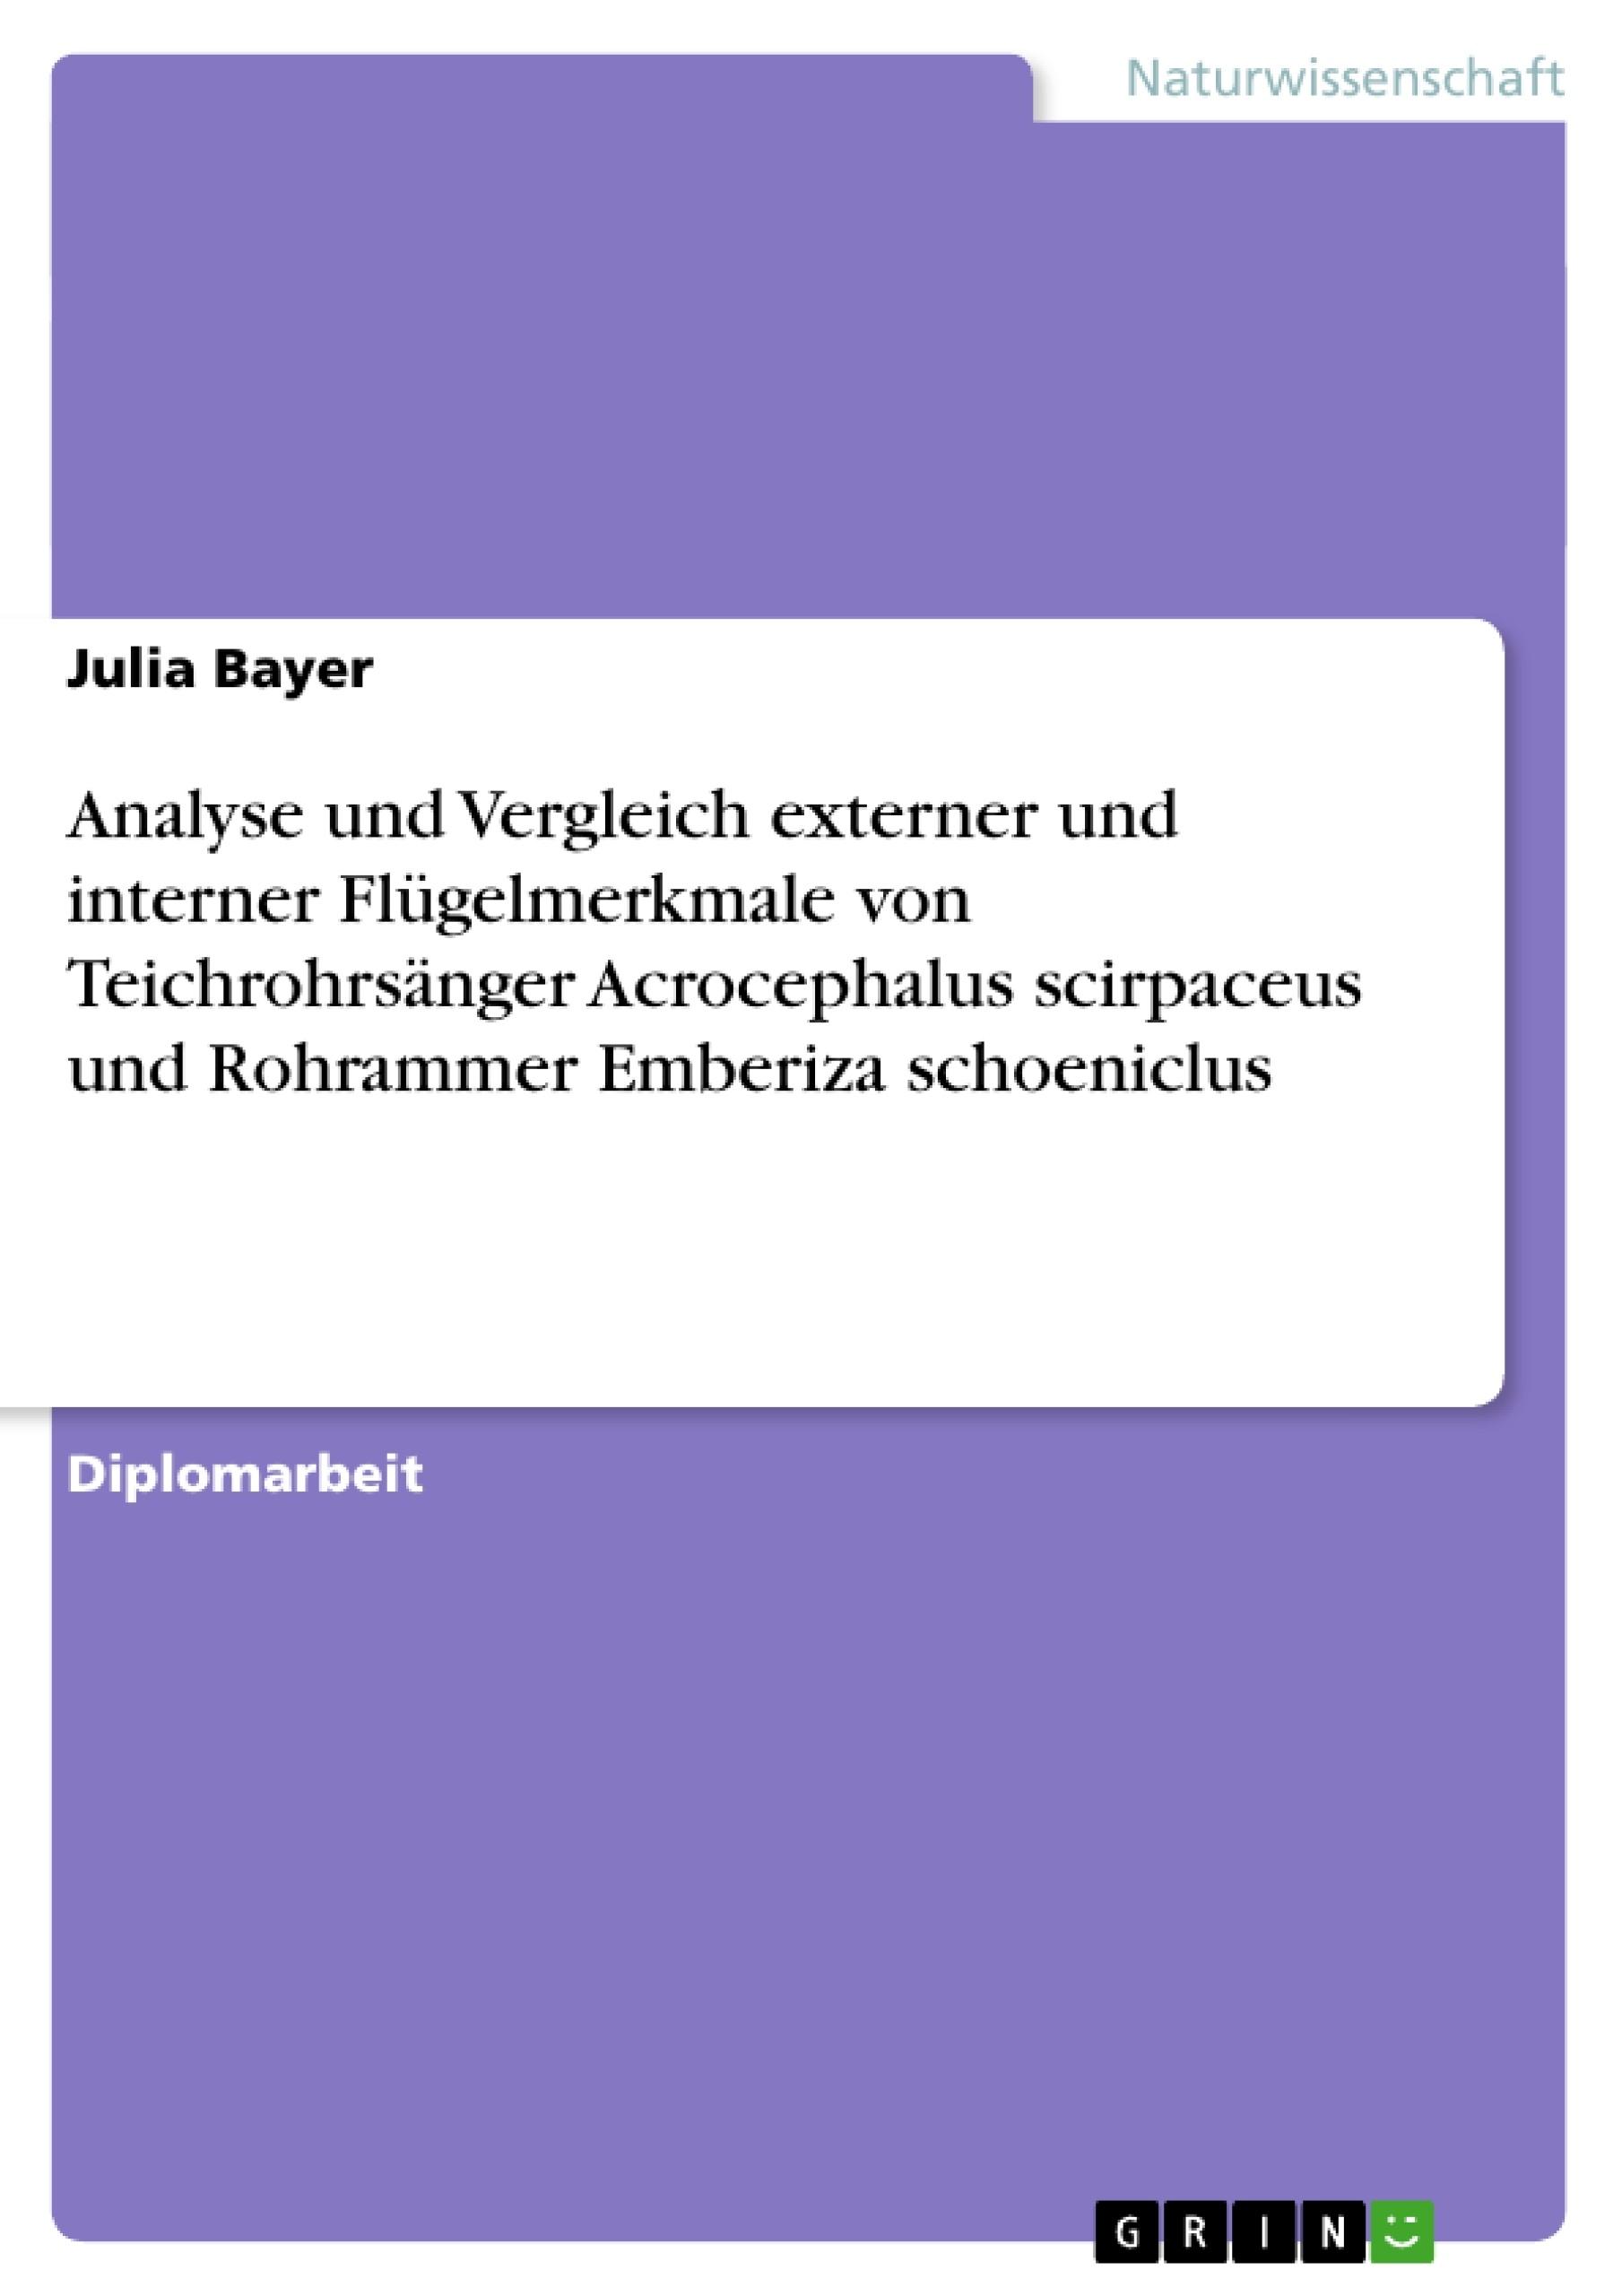 Titel: Analyse und Vergleich externer und interner Flügelmerkmale von Teichrohrsänger Acrocephalus scirpaceus und Rohrammer Emberiza schoeniclus